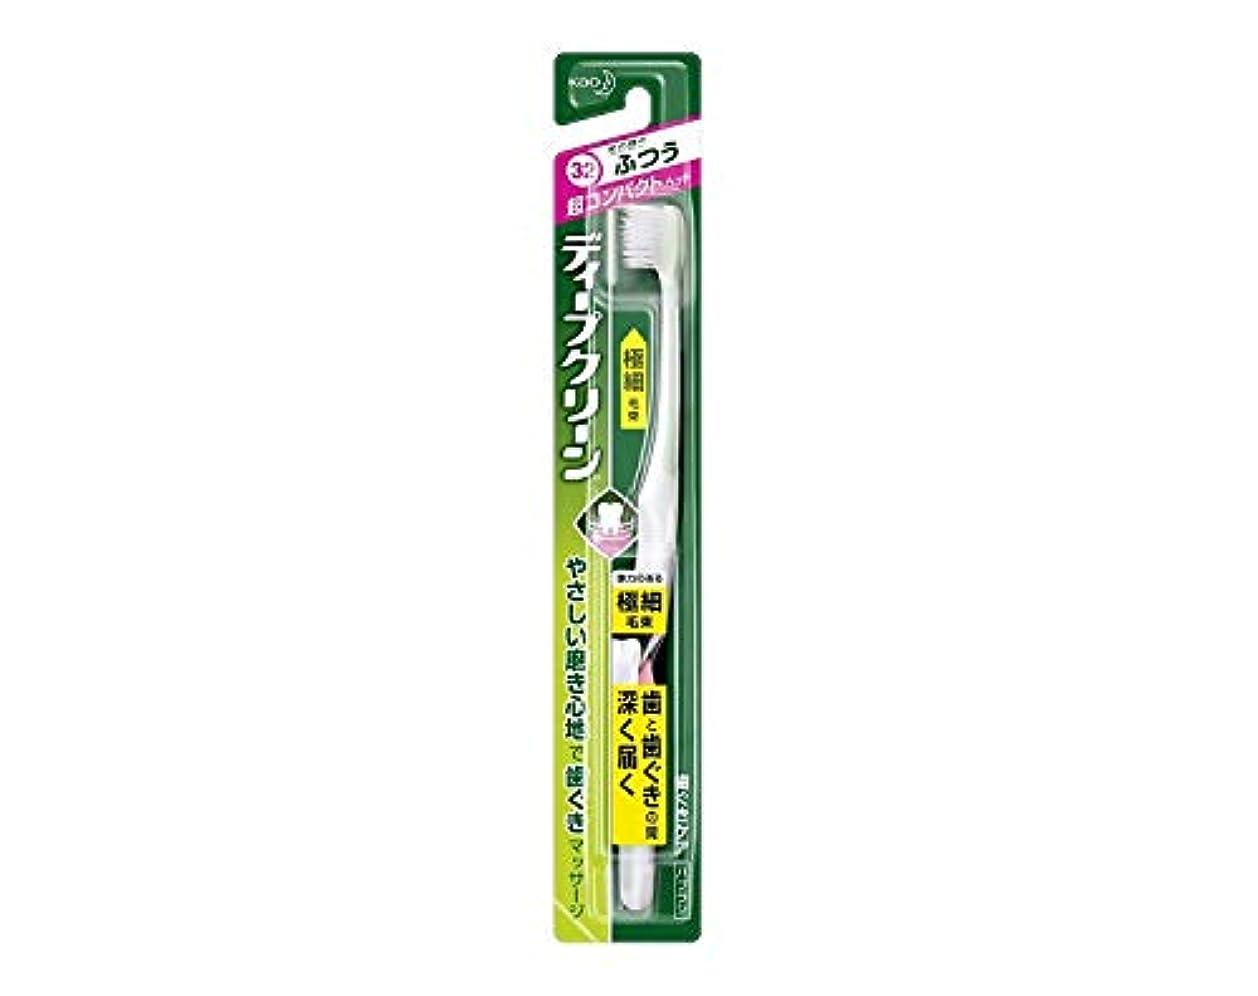 草確立しますシニス花王 ディープクリーン ハブラシ コンパクト ふつう 1本 Japan